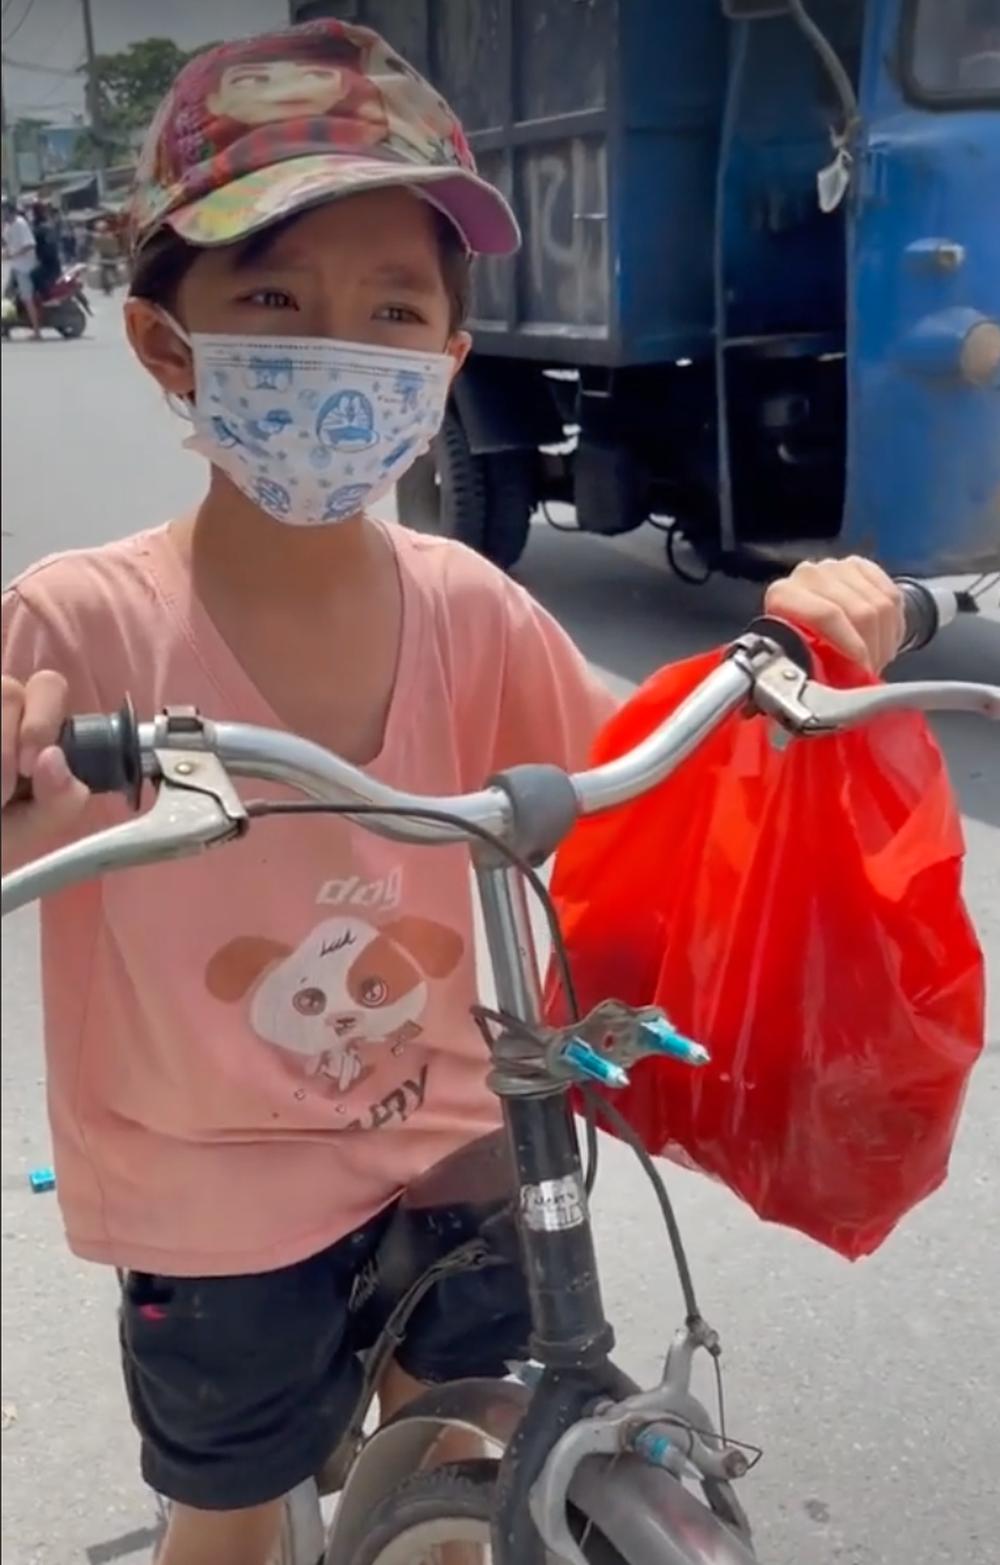 Xúc động bé gái 6 tuổi đạp xe đuổi theo ô tô để xin sữa cho em nhỏ ở nhà - Ảnh 2.